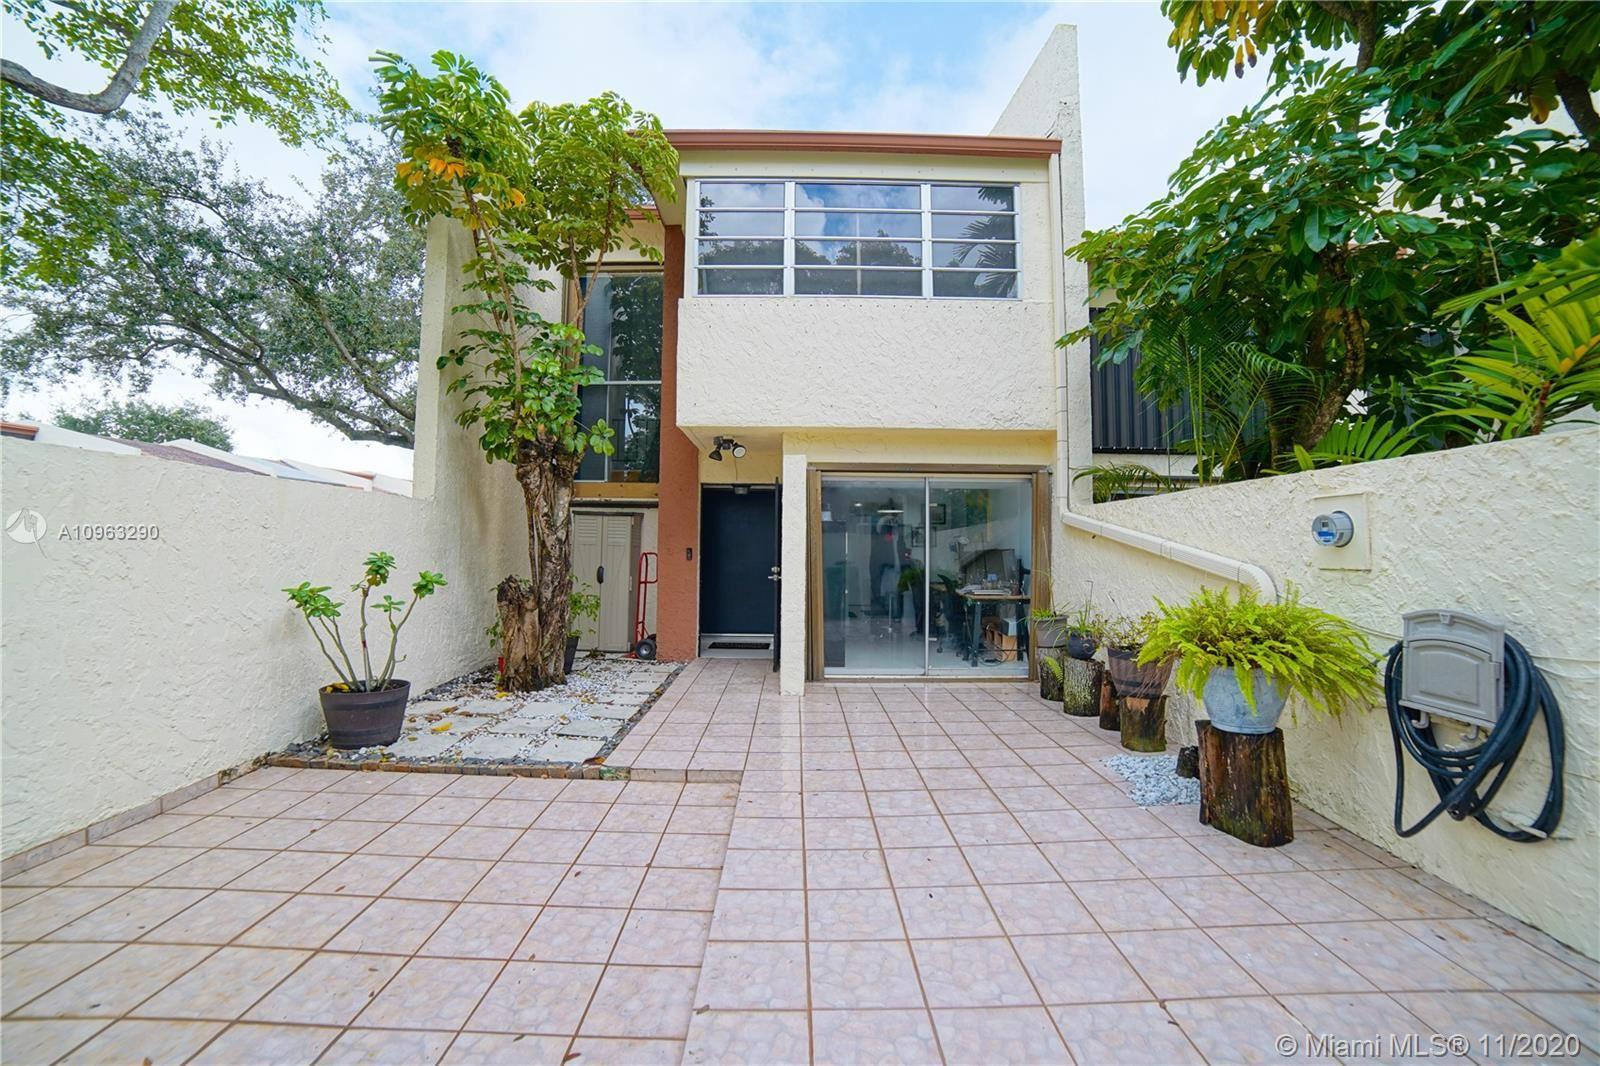 Miami, FL 33173